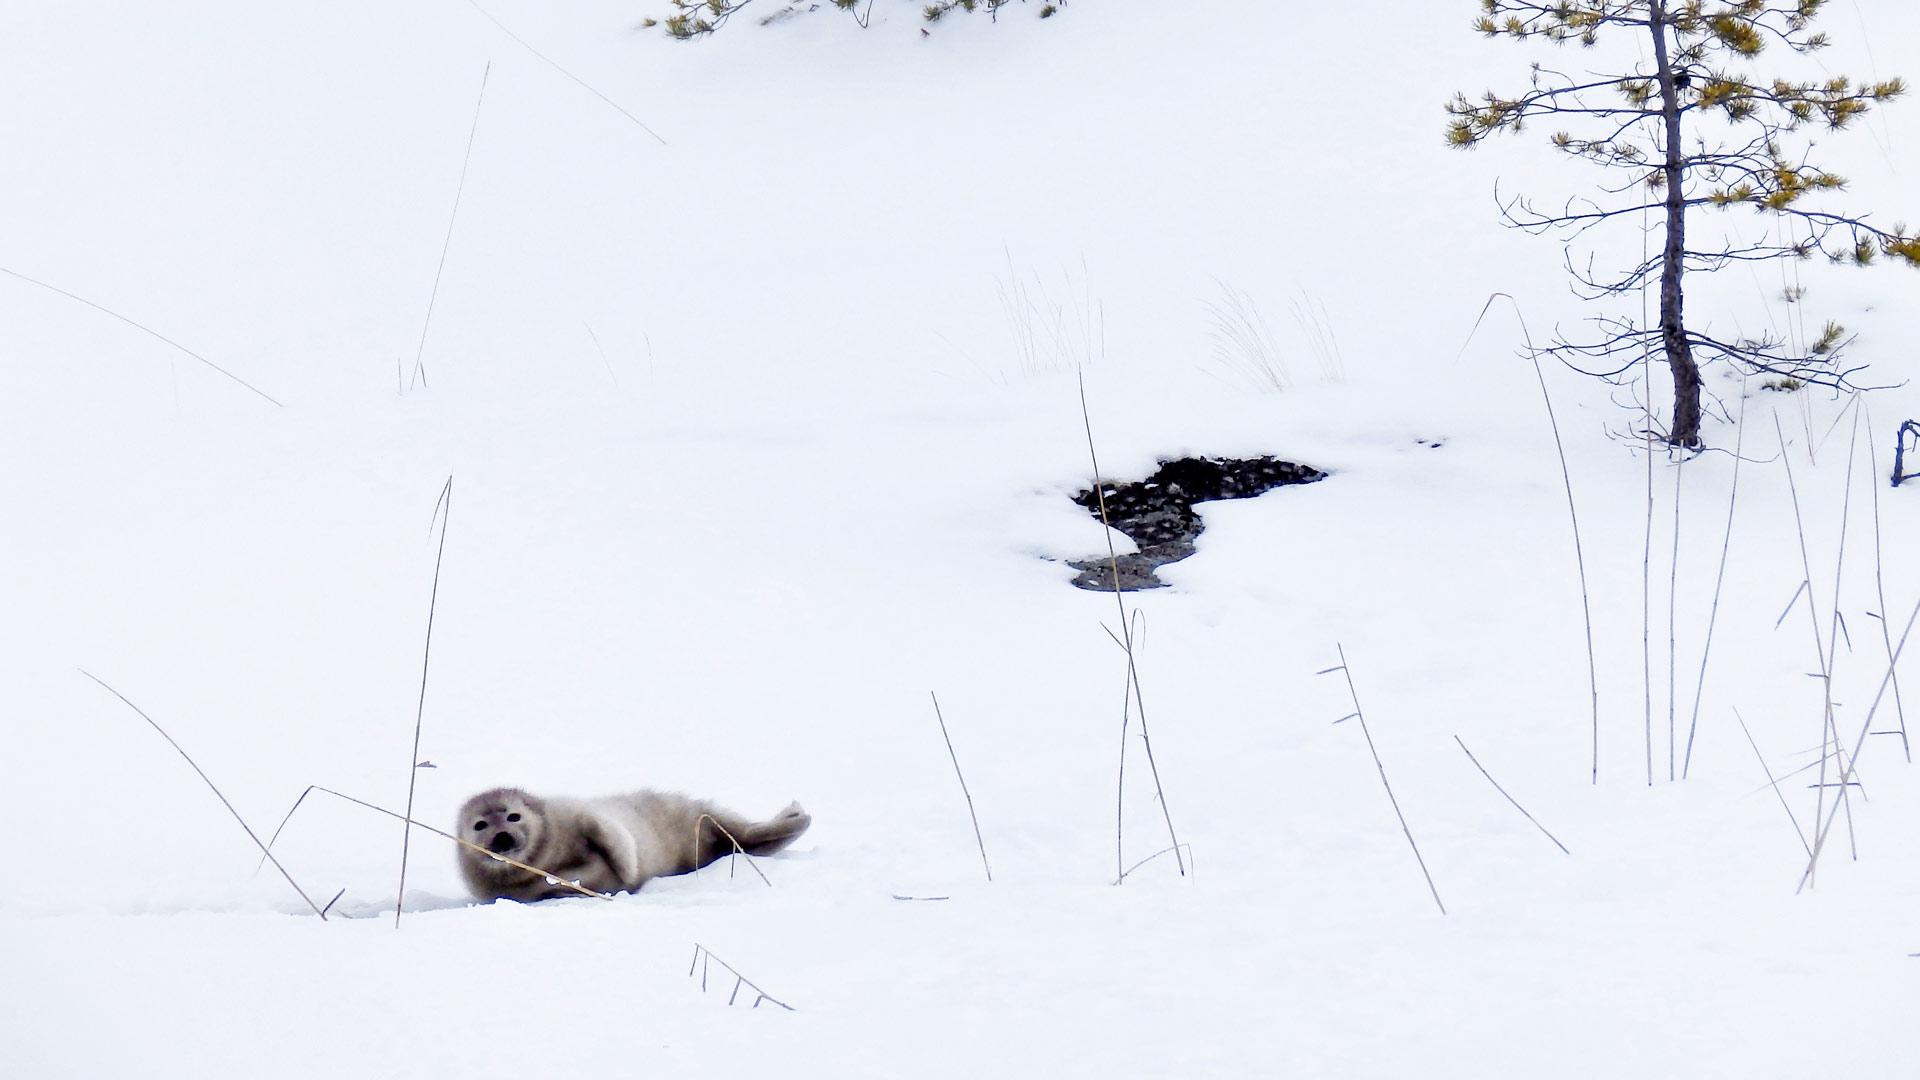 Kuutti liikkuu avantonsa ympäristössä kymmeniä metrejä päivässä. Kuva maaliskuulta 2016.